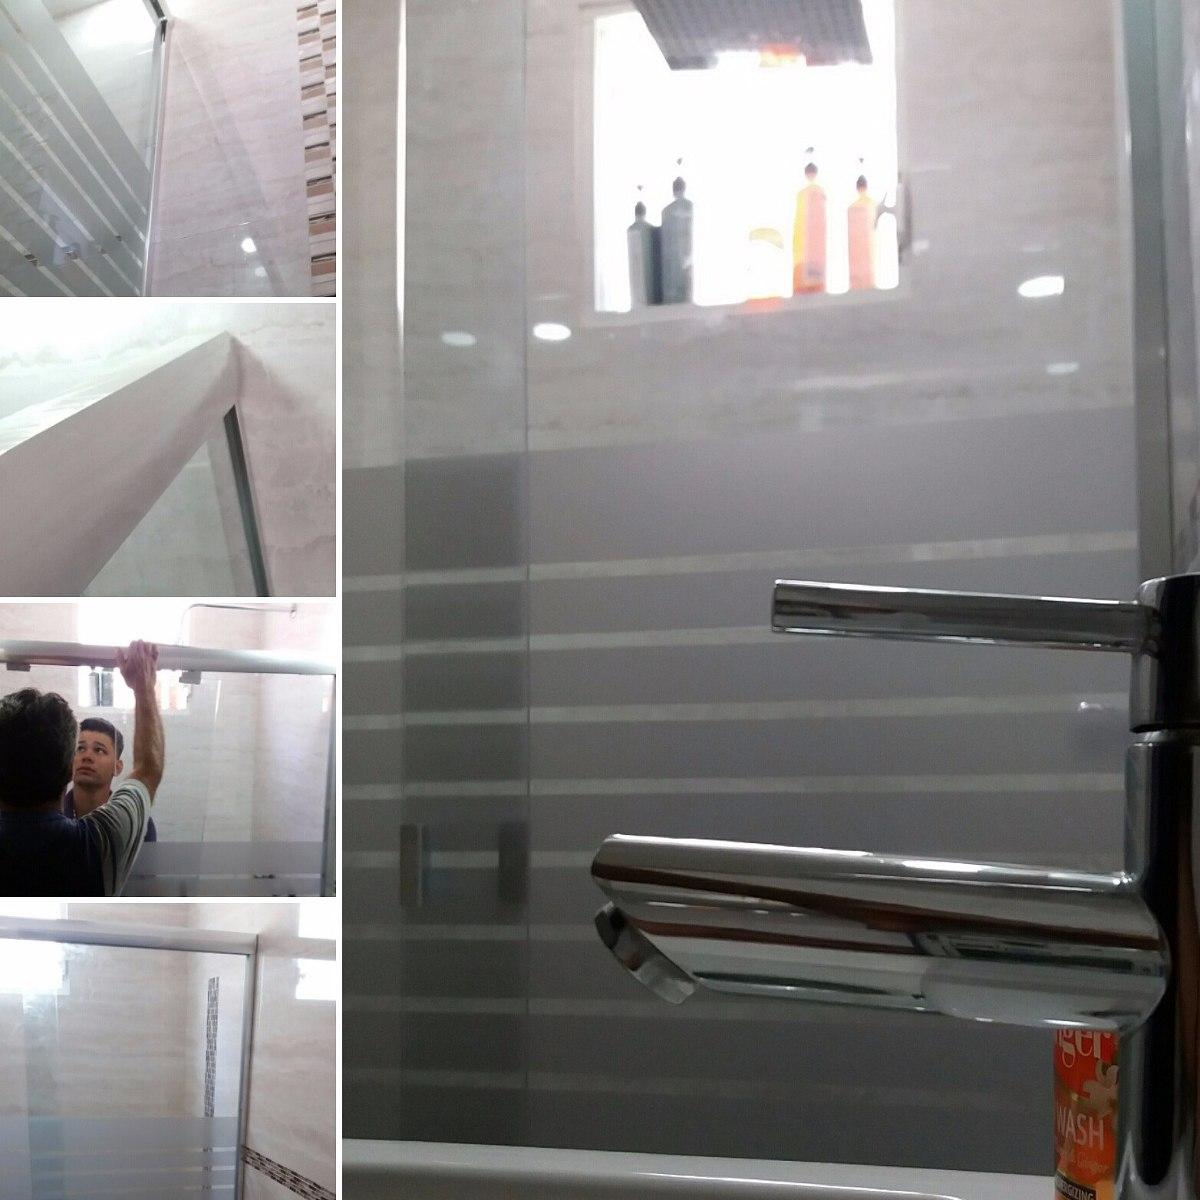 Vidrio templado precio m2 top vidrio templado incoloro de mm precio por m cargando zoom with - Cristal templado precio m2 ...